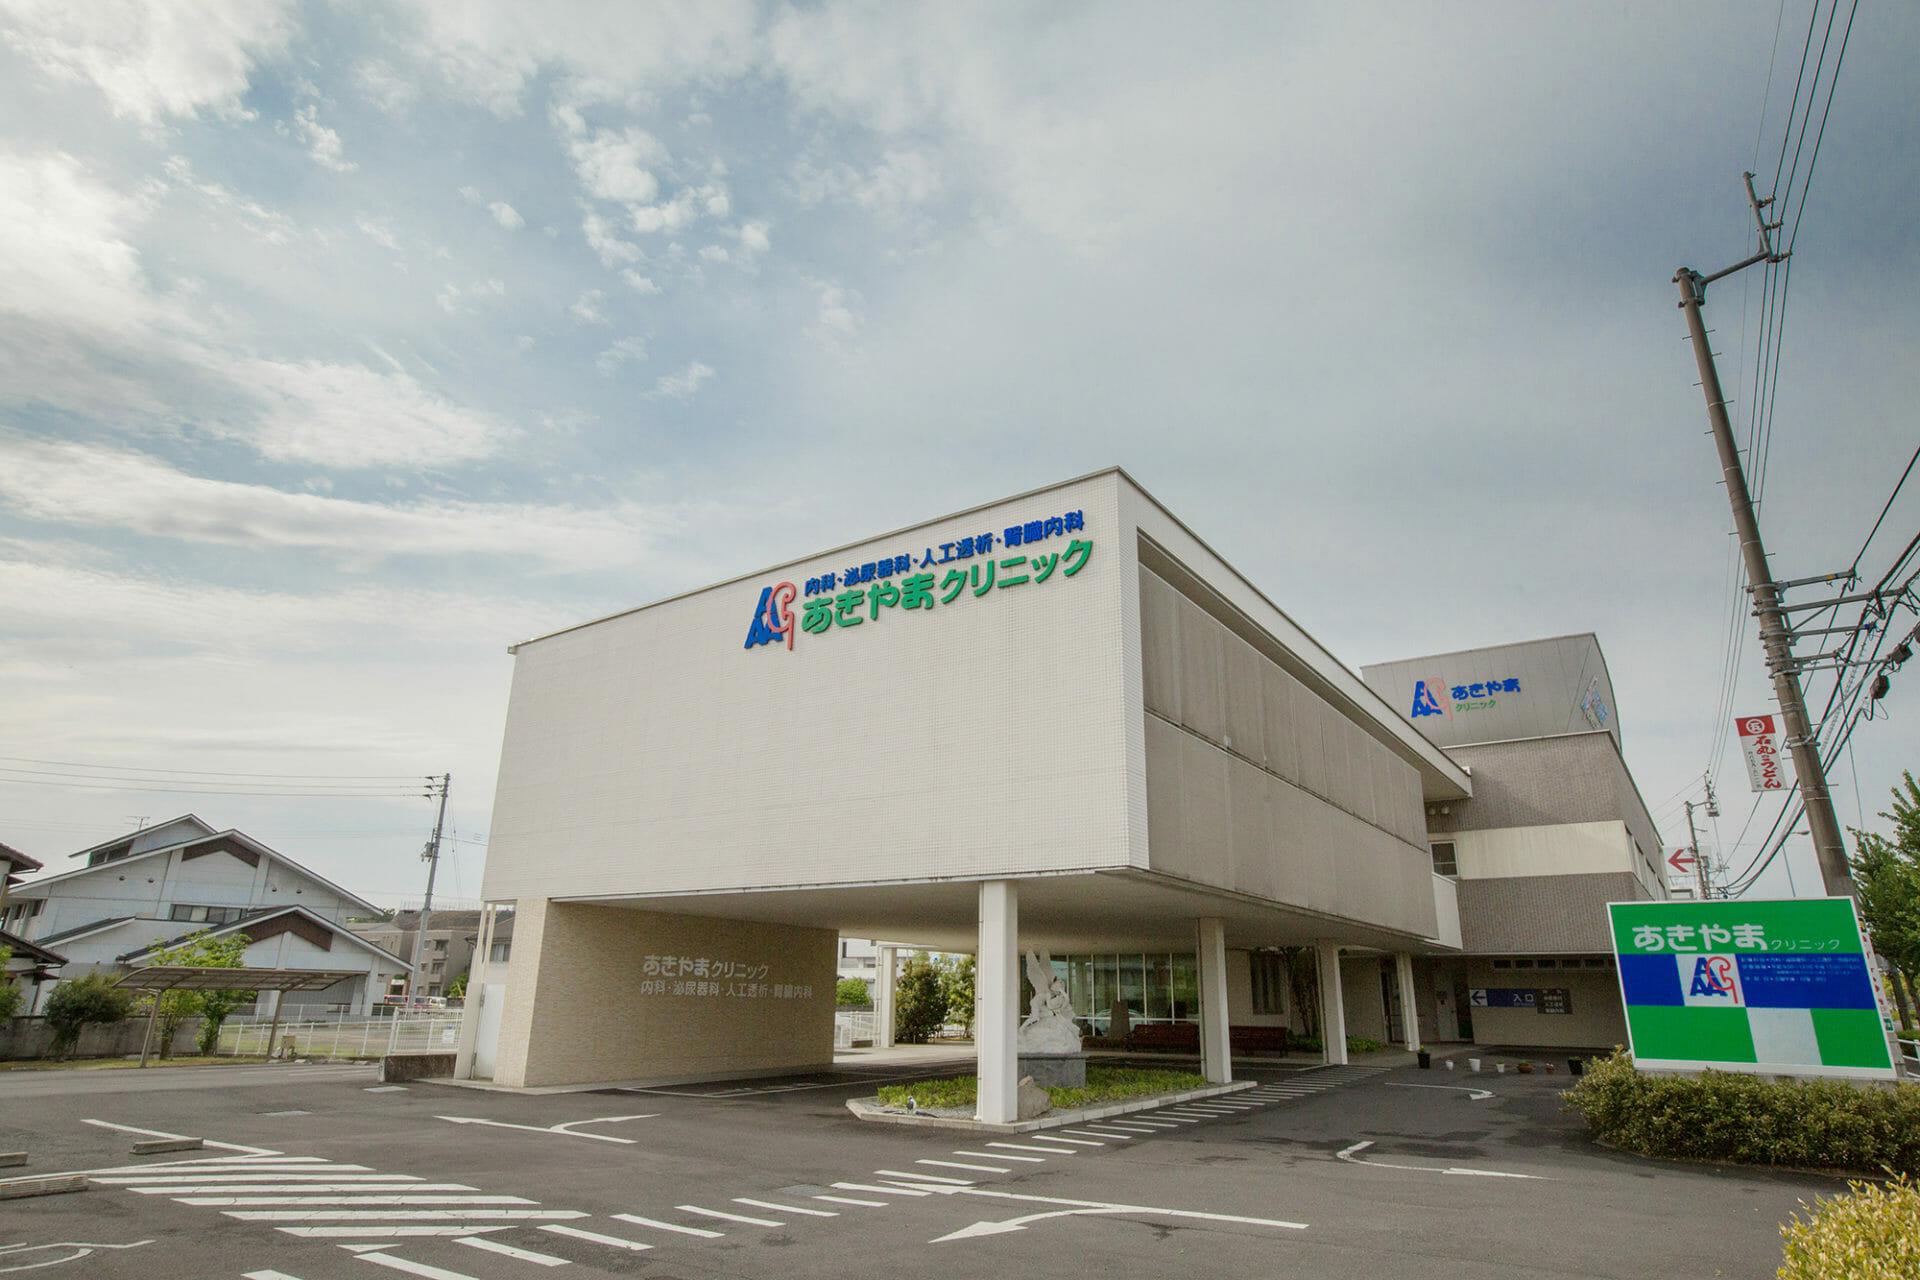 医療法人社団健愛会 あきやまクリニックの商品写真